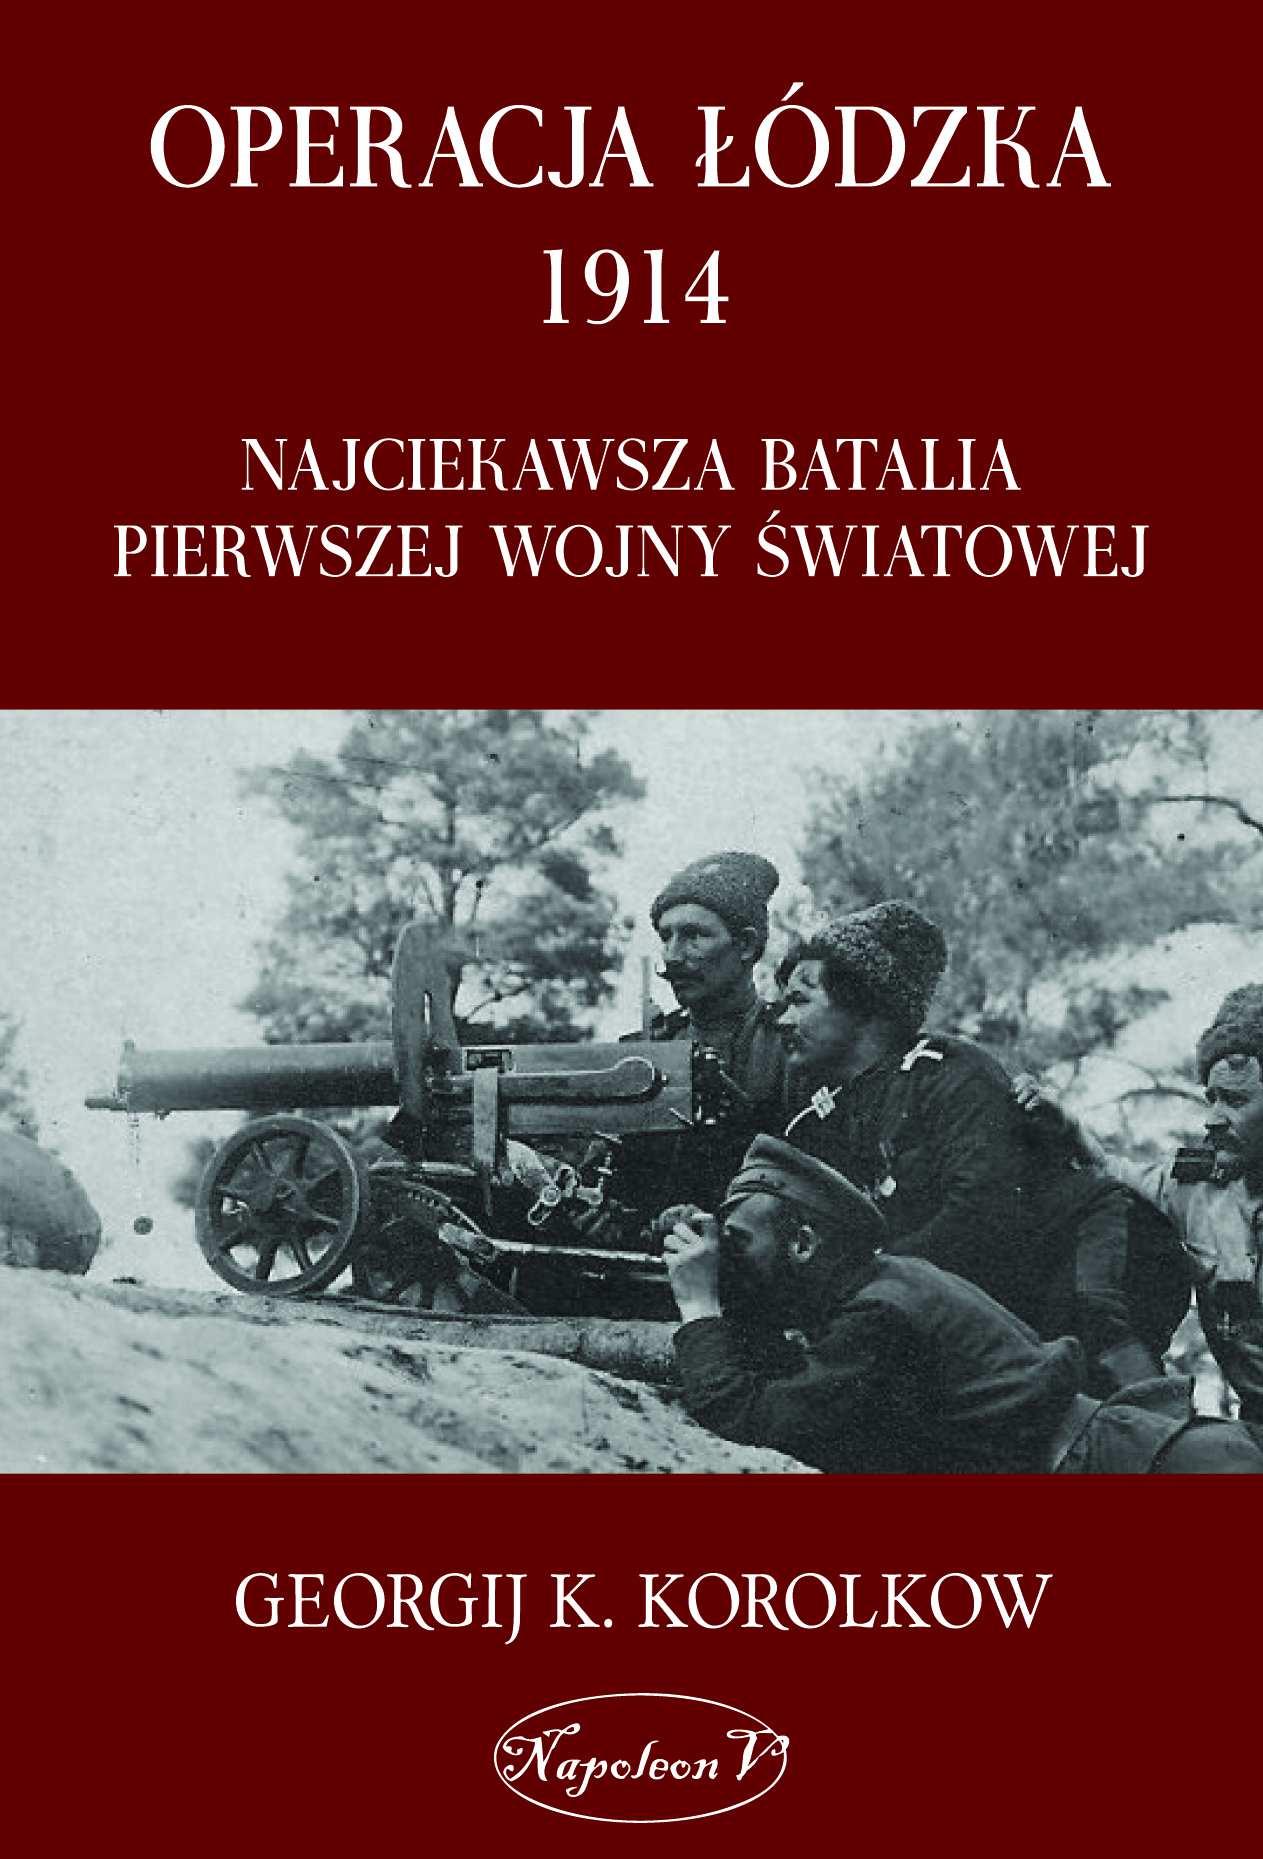 Operacja łódzka 1914. Najciekawsza batalia pierwszej wojny światowej - Ebook (Książka na Kindle) do pobrania w formacie MOBI